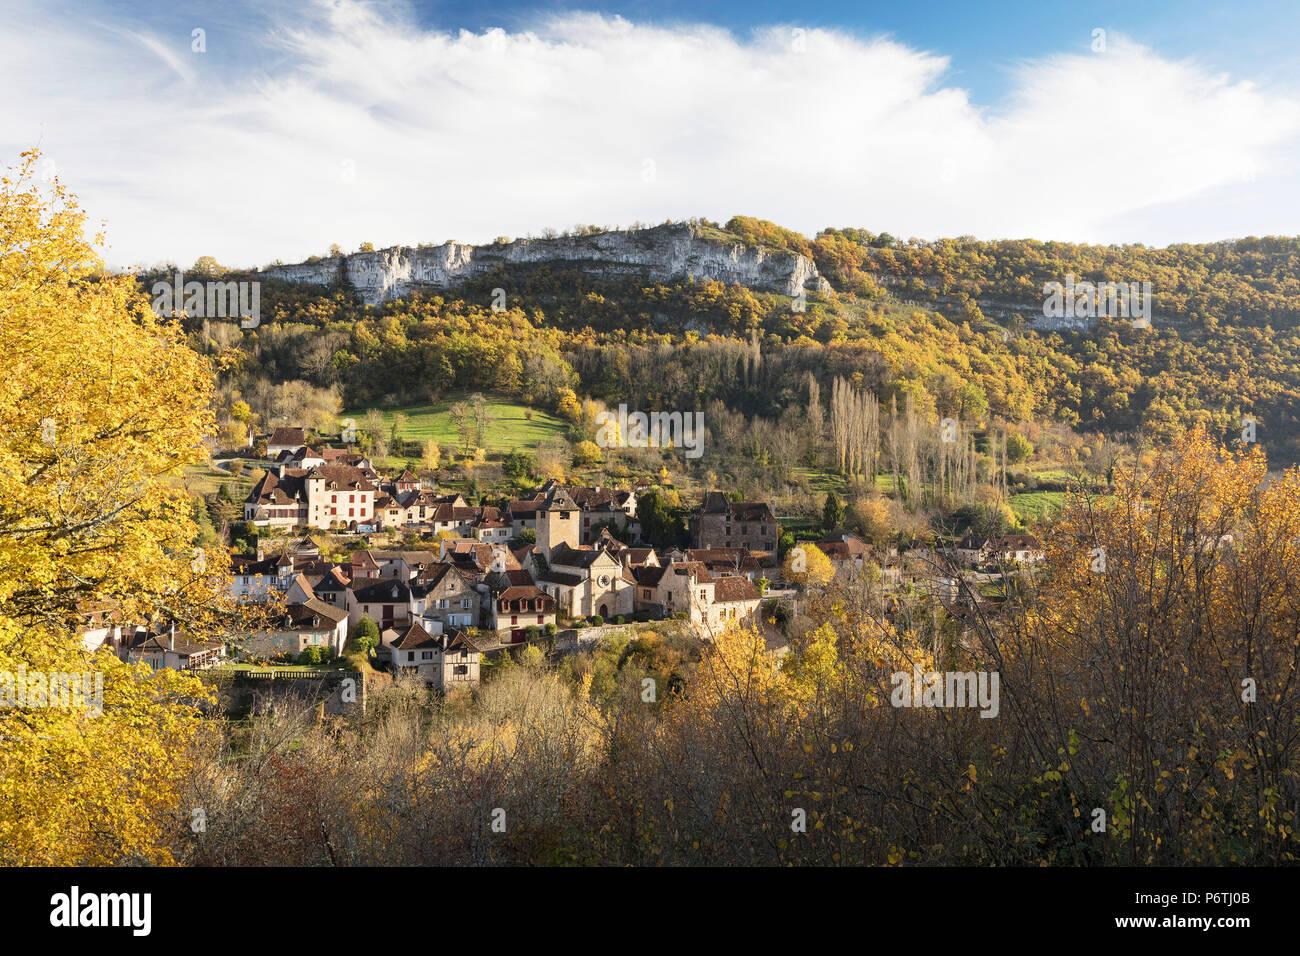 Le village de Collonges-la-rouge à l'automne, Lot, Midi-Pyrénées, France Photo Stock